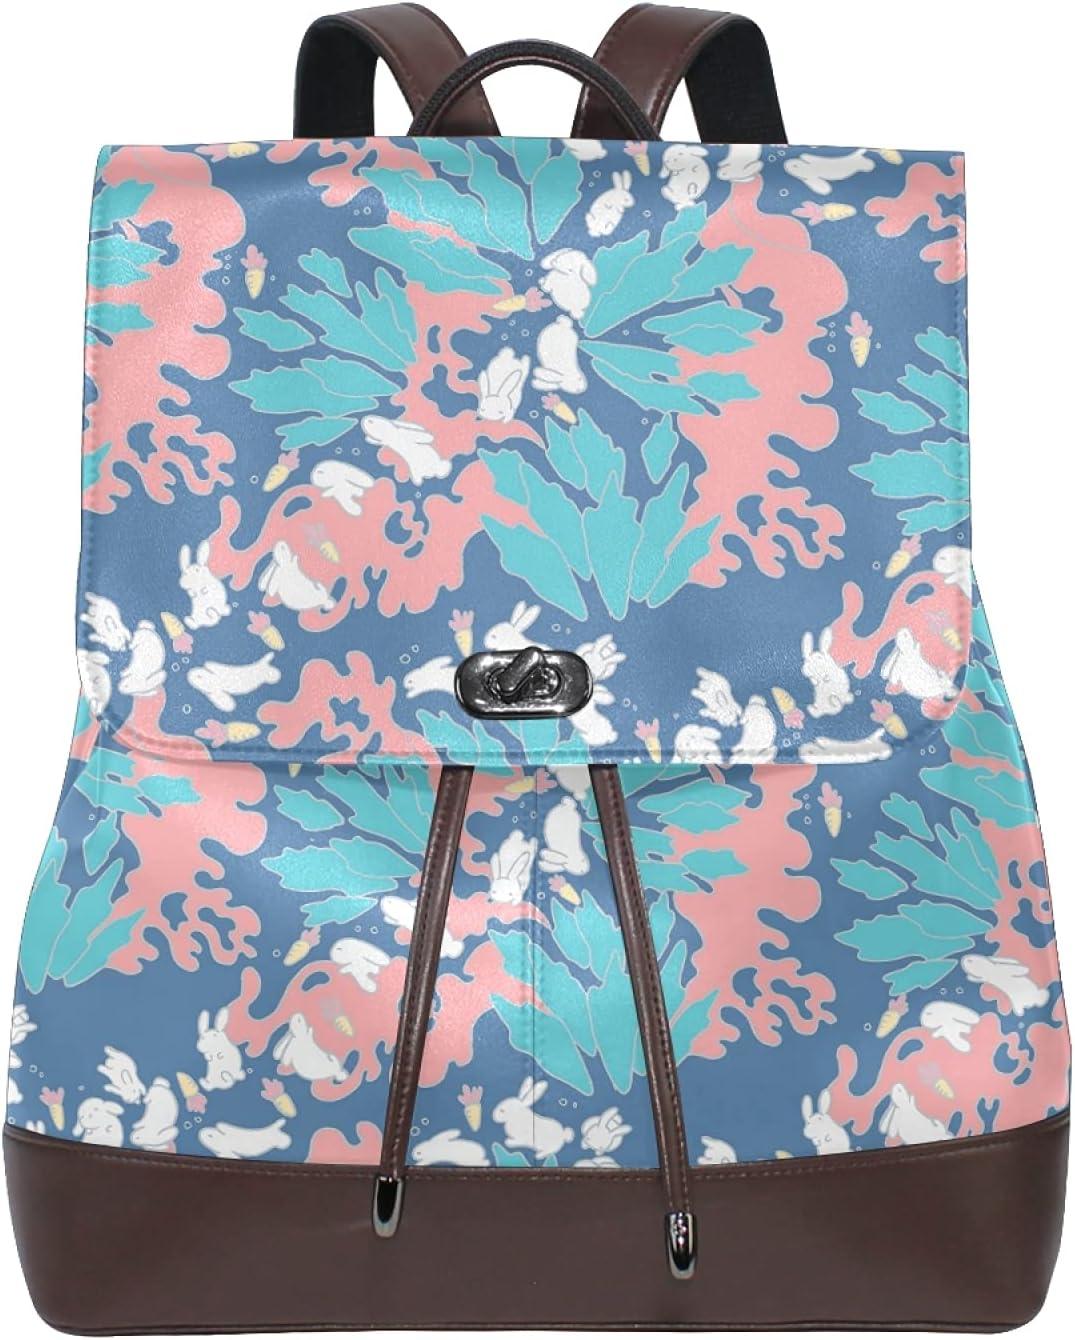 Women Leather Backpack Ladies Fashion Shoulder Bag Large Travel Bag Rabbits Leaves